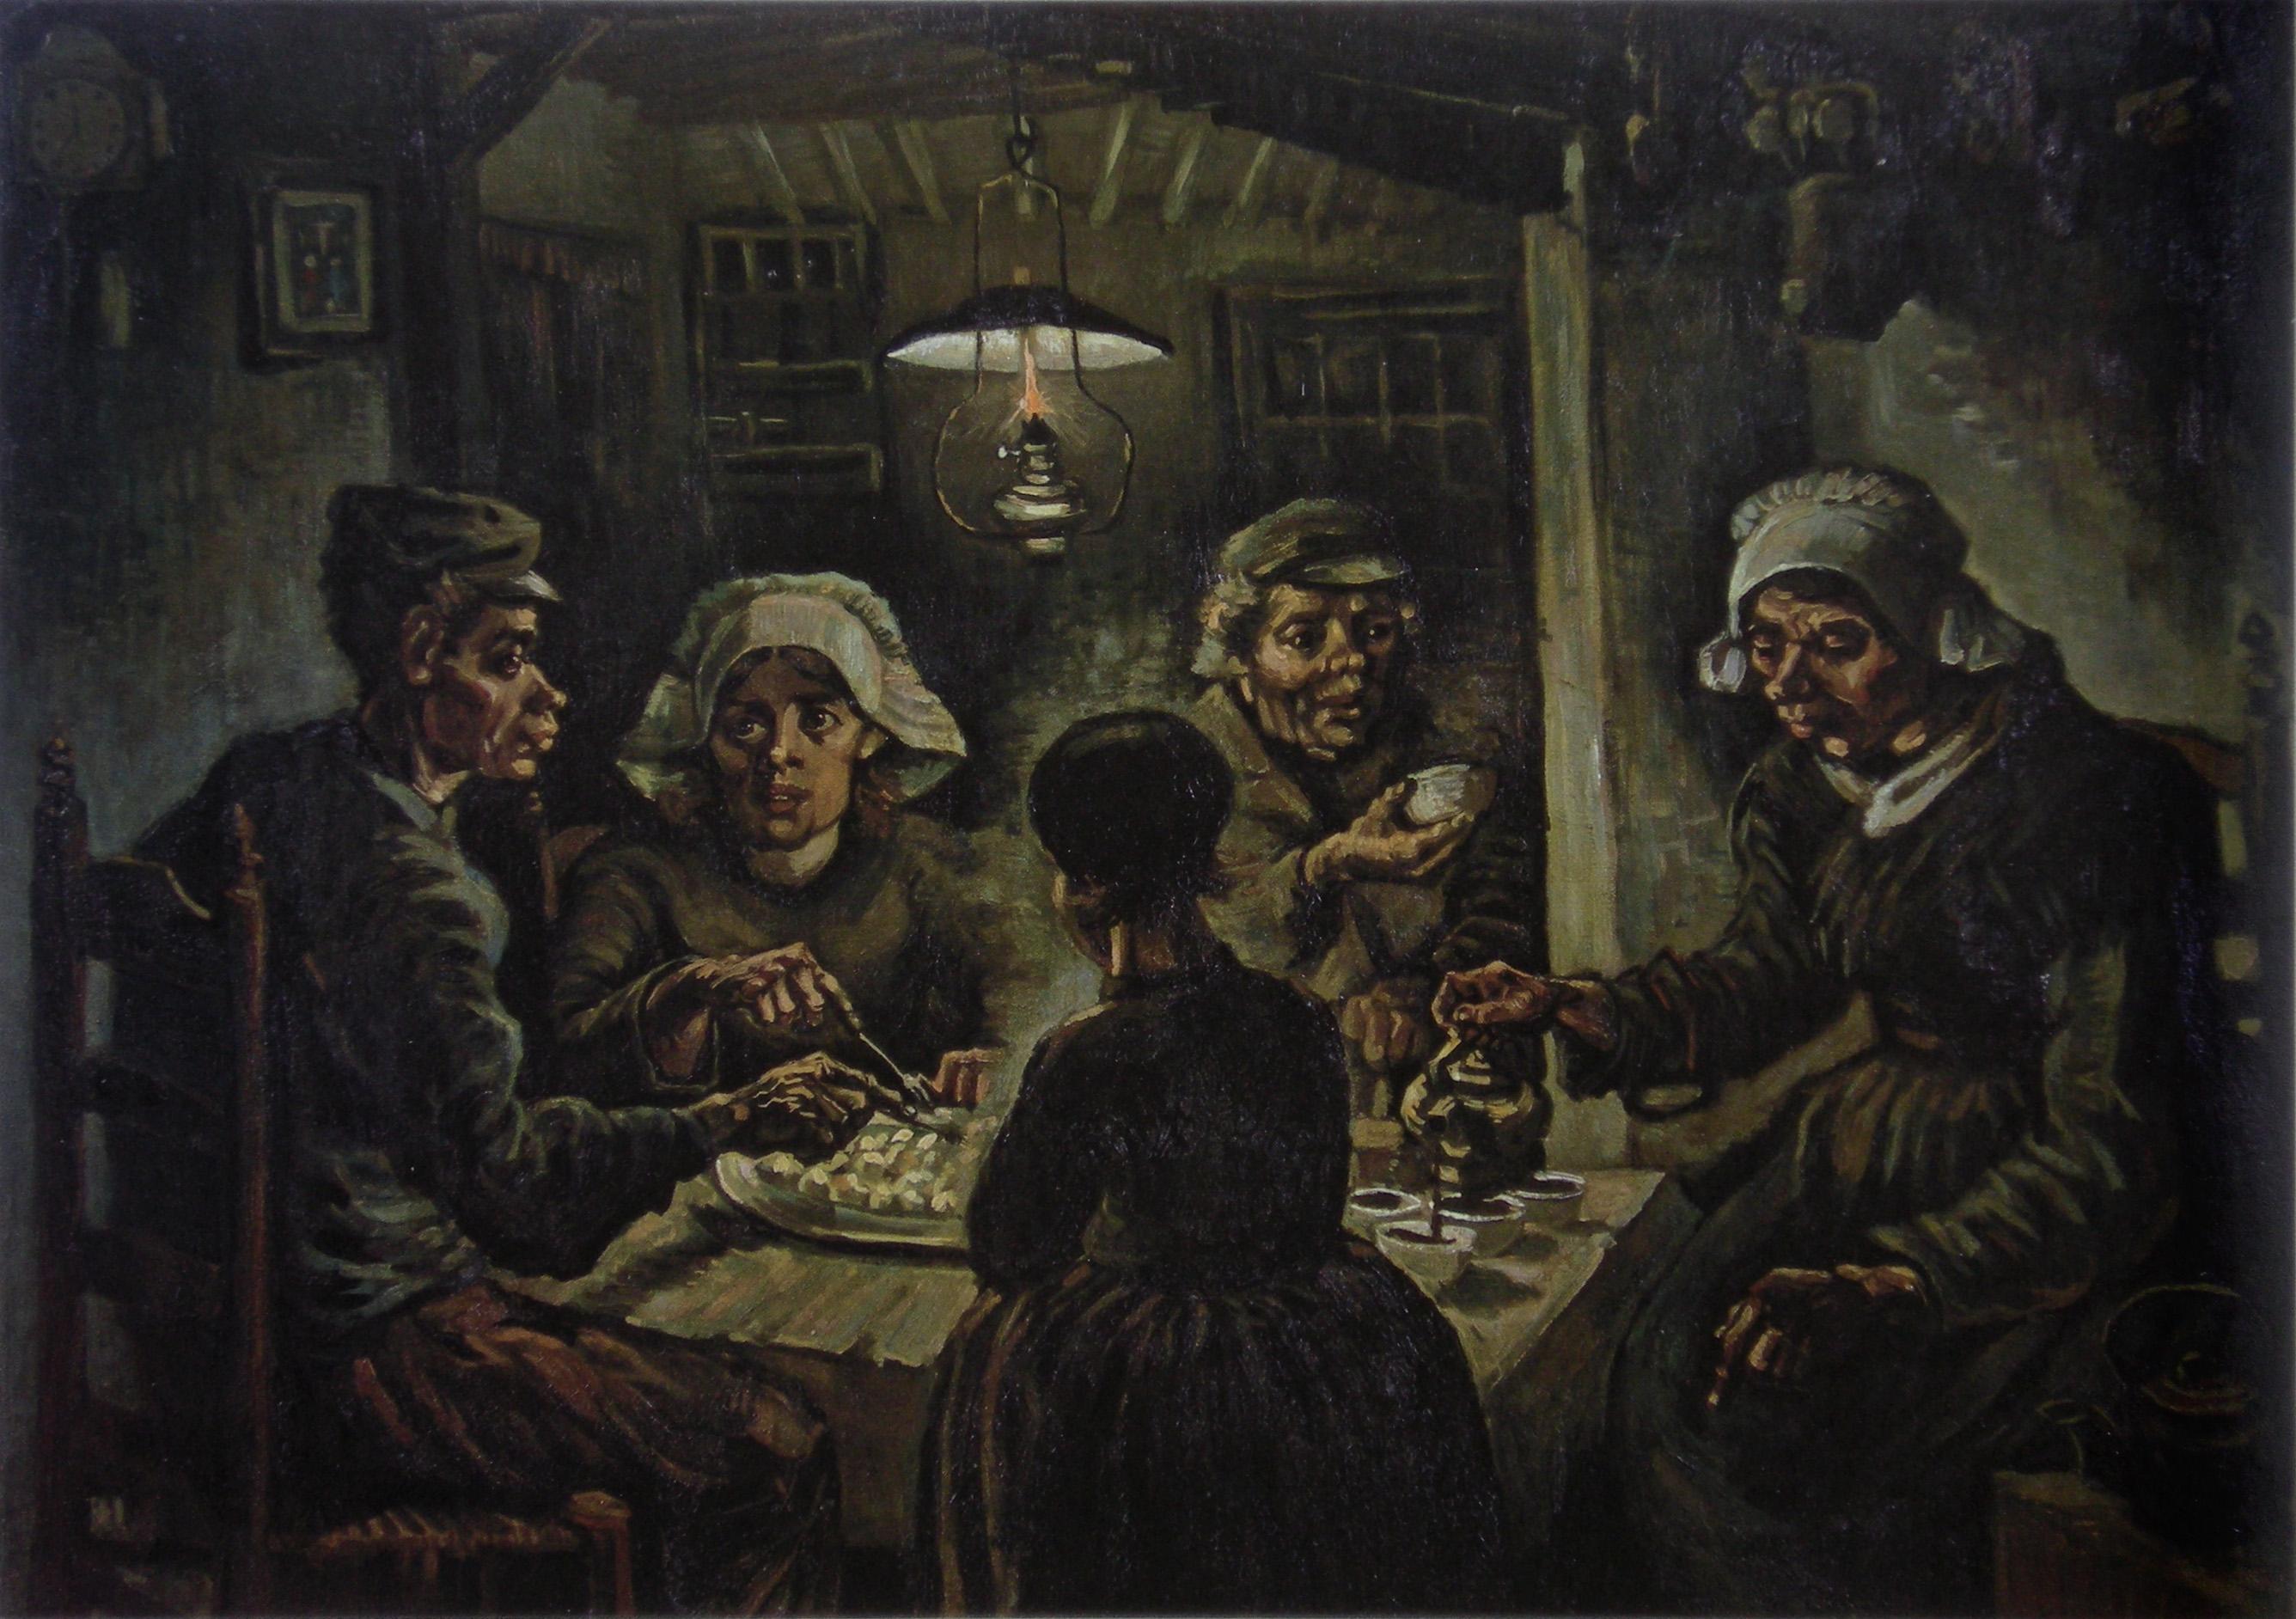 De aardappeleters (potato eaters) by Van Gogh